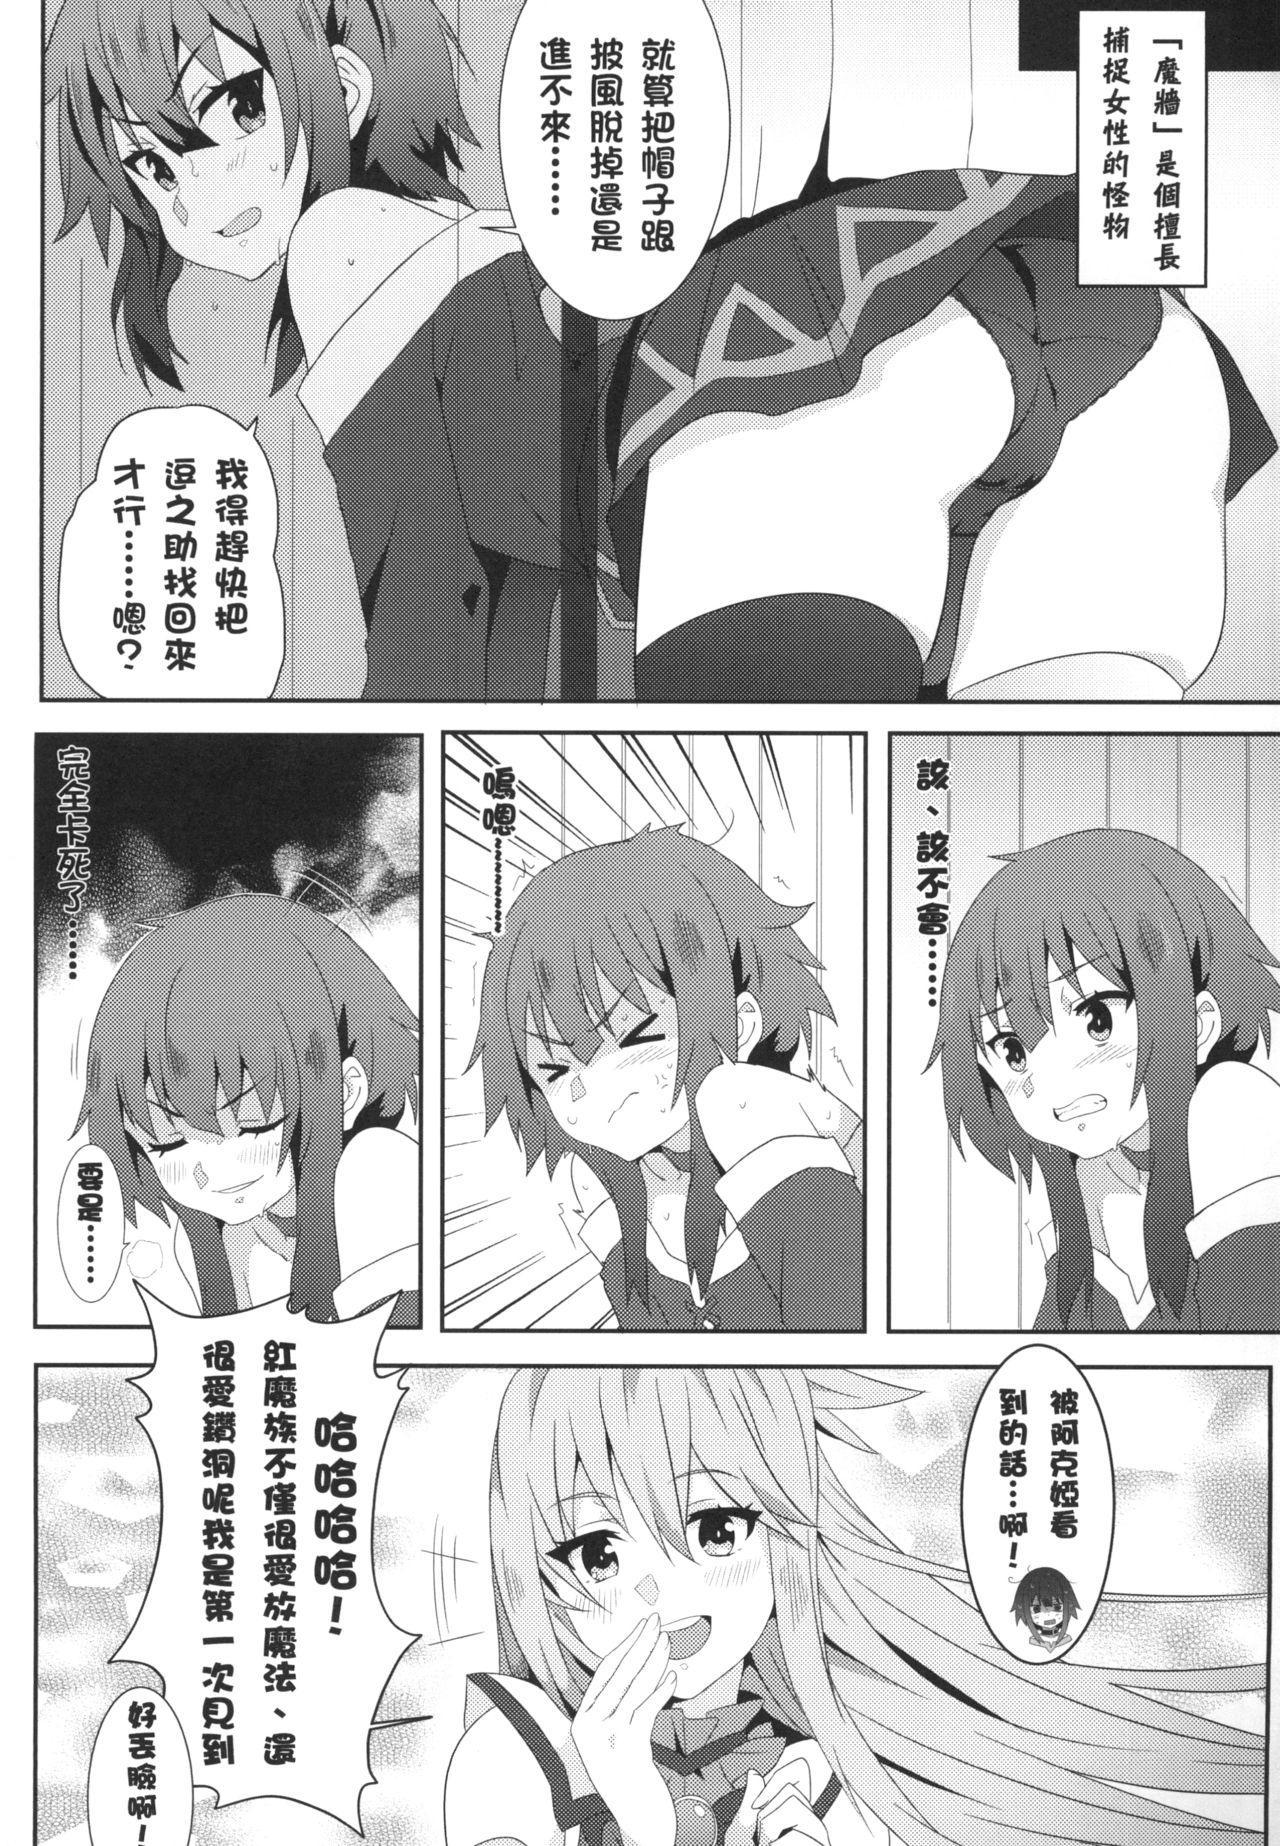 Megumin ni Karei na Shasei o! 3 | 為惠惠獻上華麗的爆射!3 5